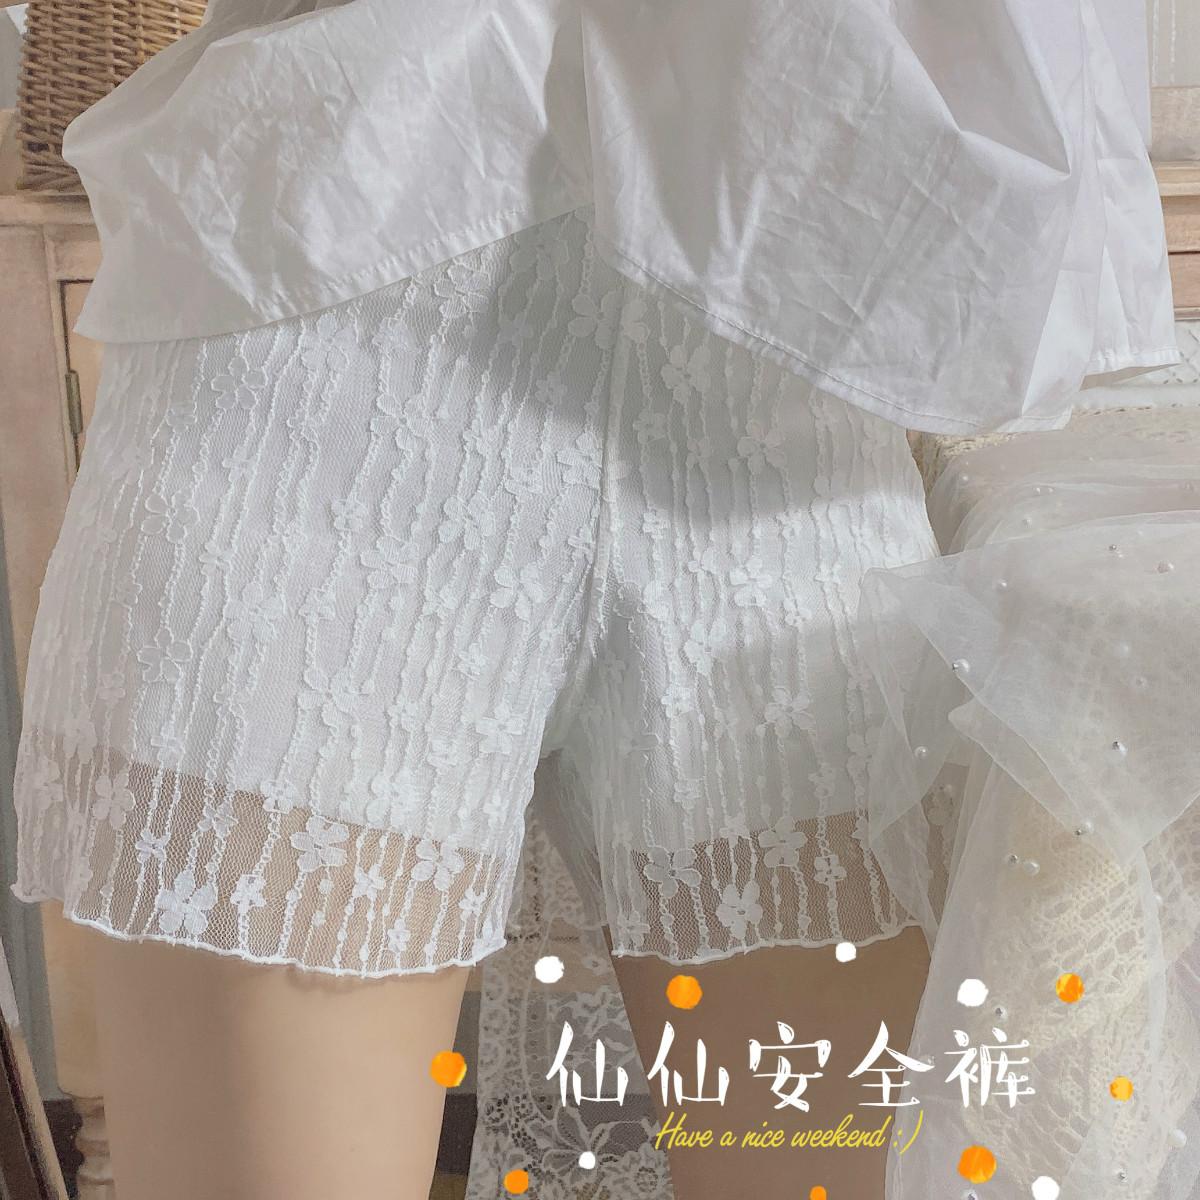 AY Để phim Xia Fairy ren đôi chống chói đáy quần bảo hiểm quần an toàn quần lỏng lẻo - Quần tây thường